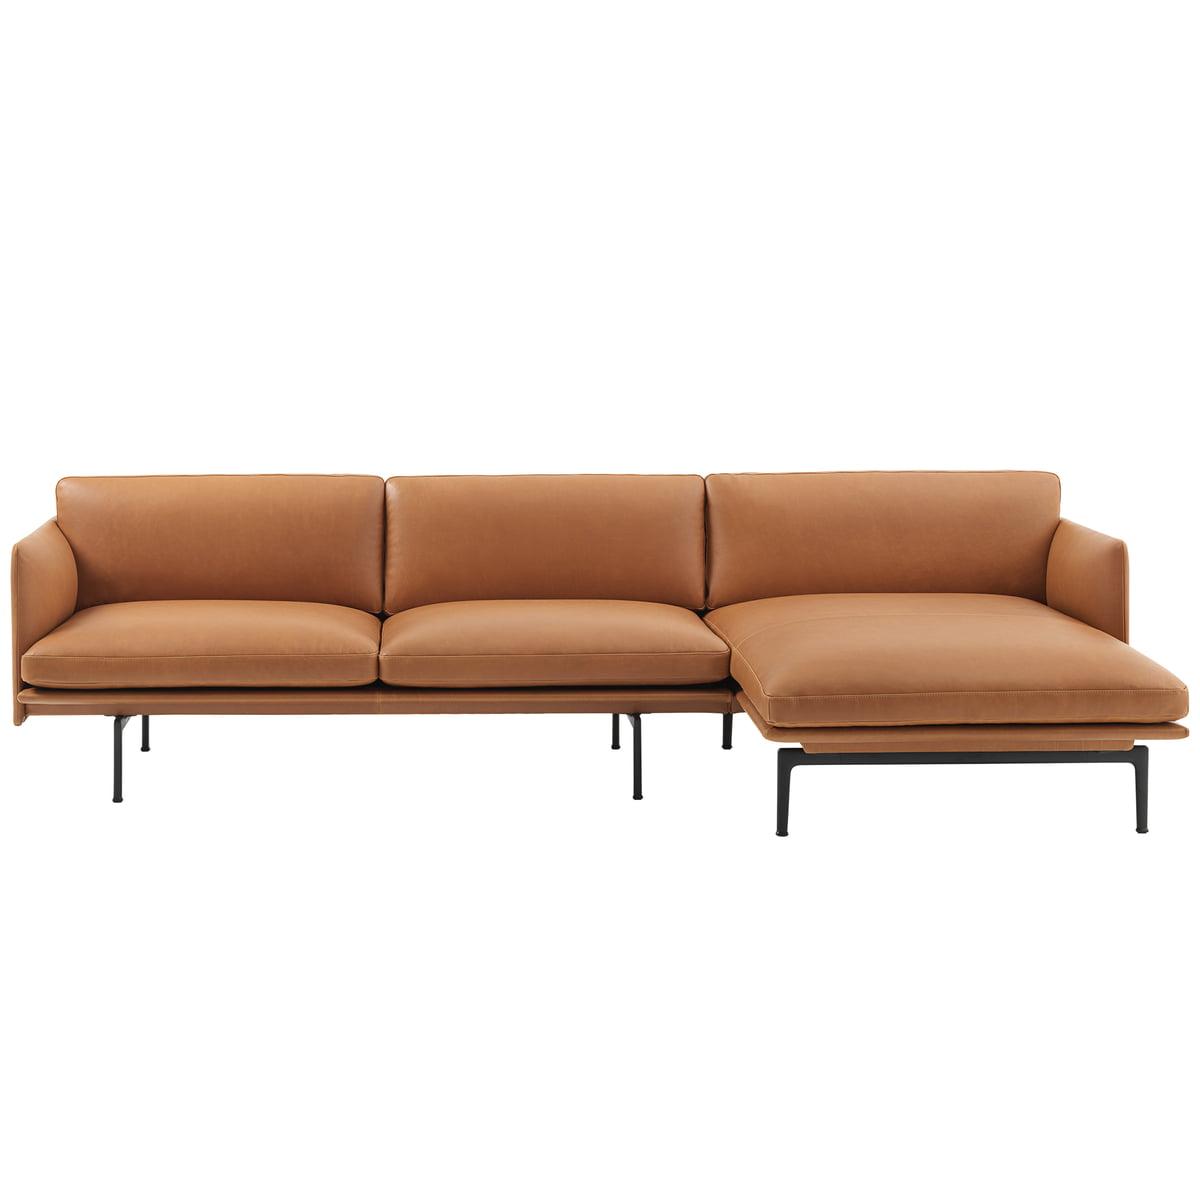 Full Size of Sofaecke Outline Von Muuto Connox Sofa Angebote 2 Sitzer Mit Relaxfunktion überzug Hocker Elektrisch Impressionen Delife Federkern Zweisitzer Franz Fertig Sofa Sofa überzug